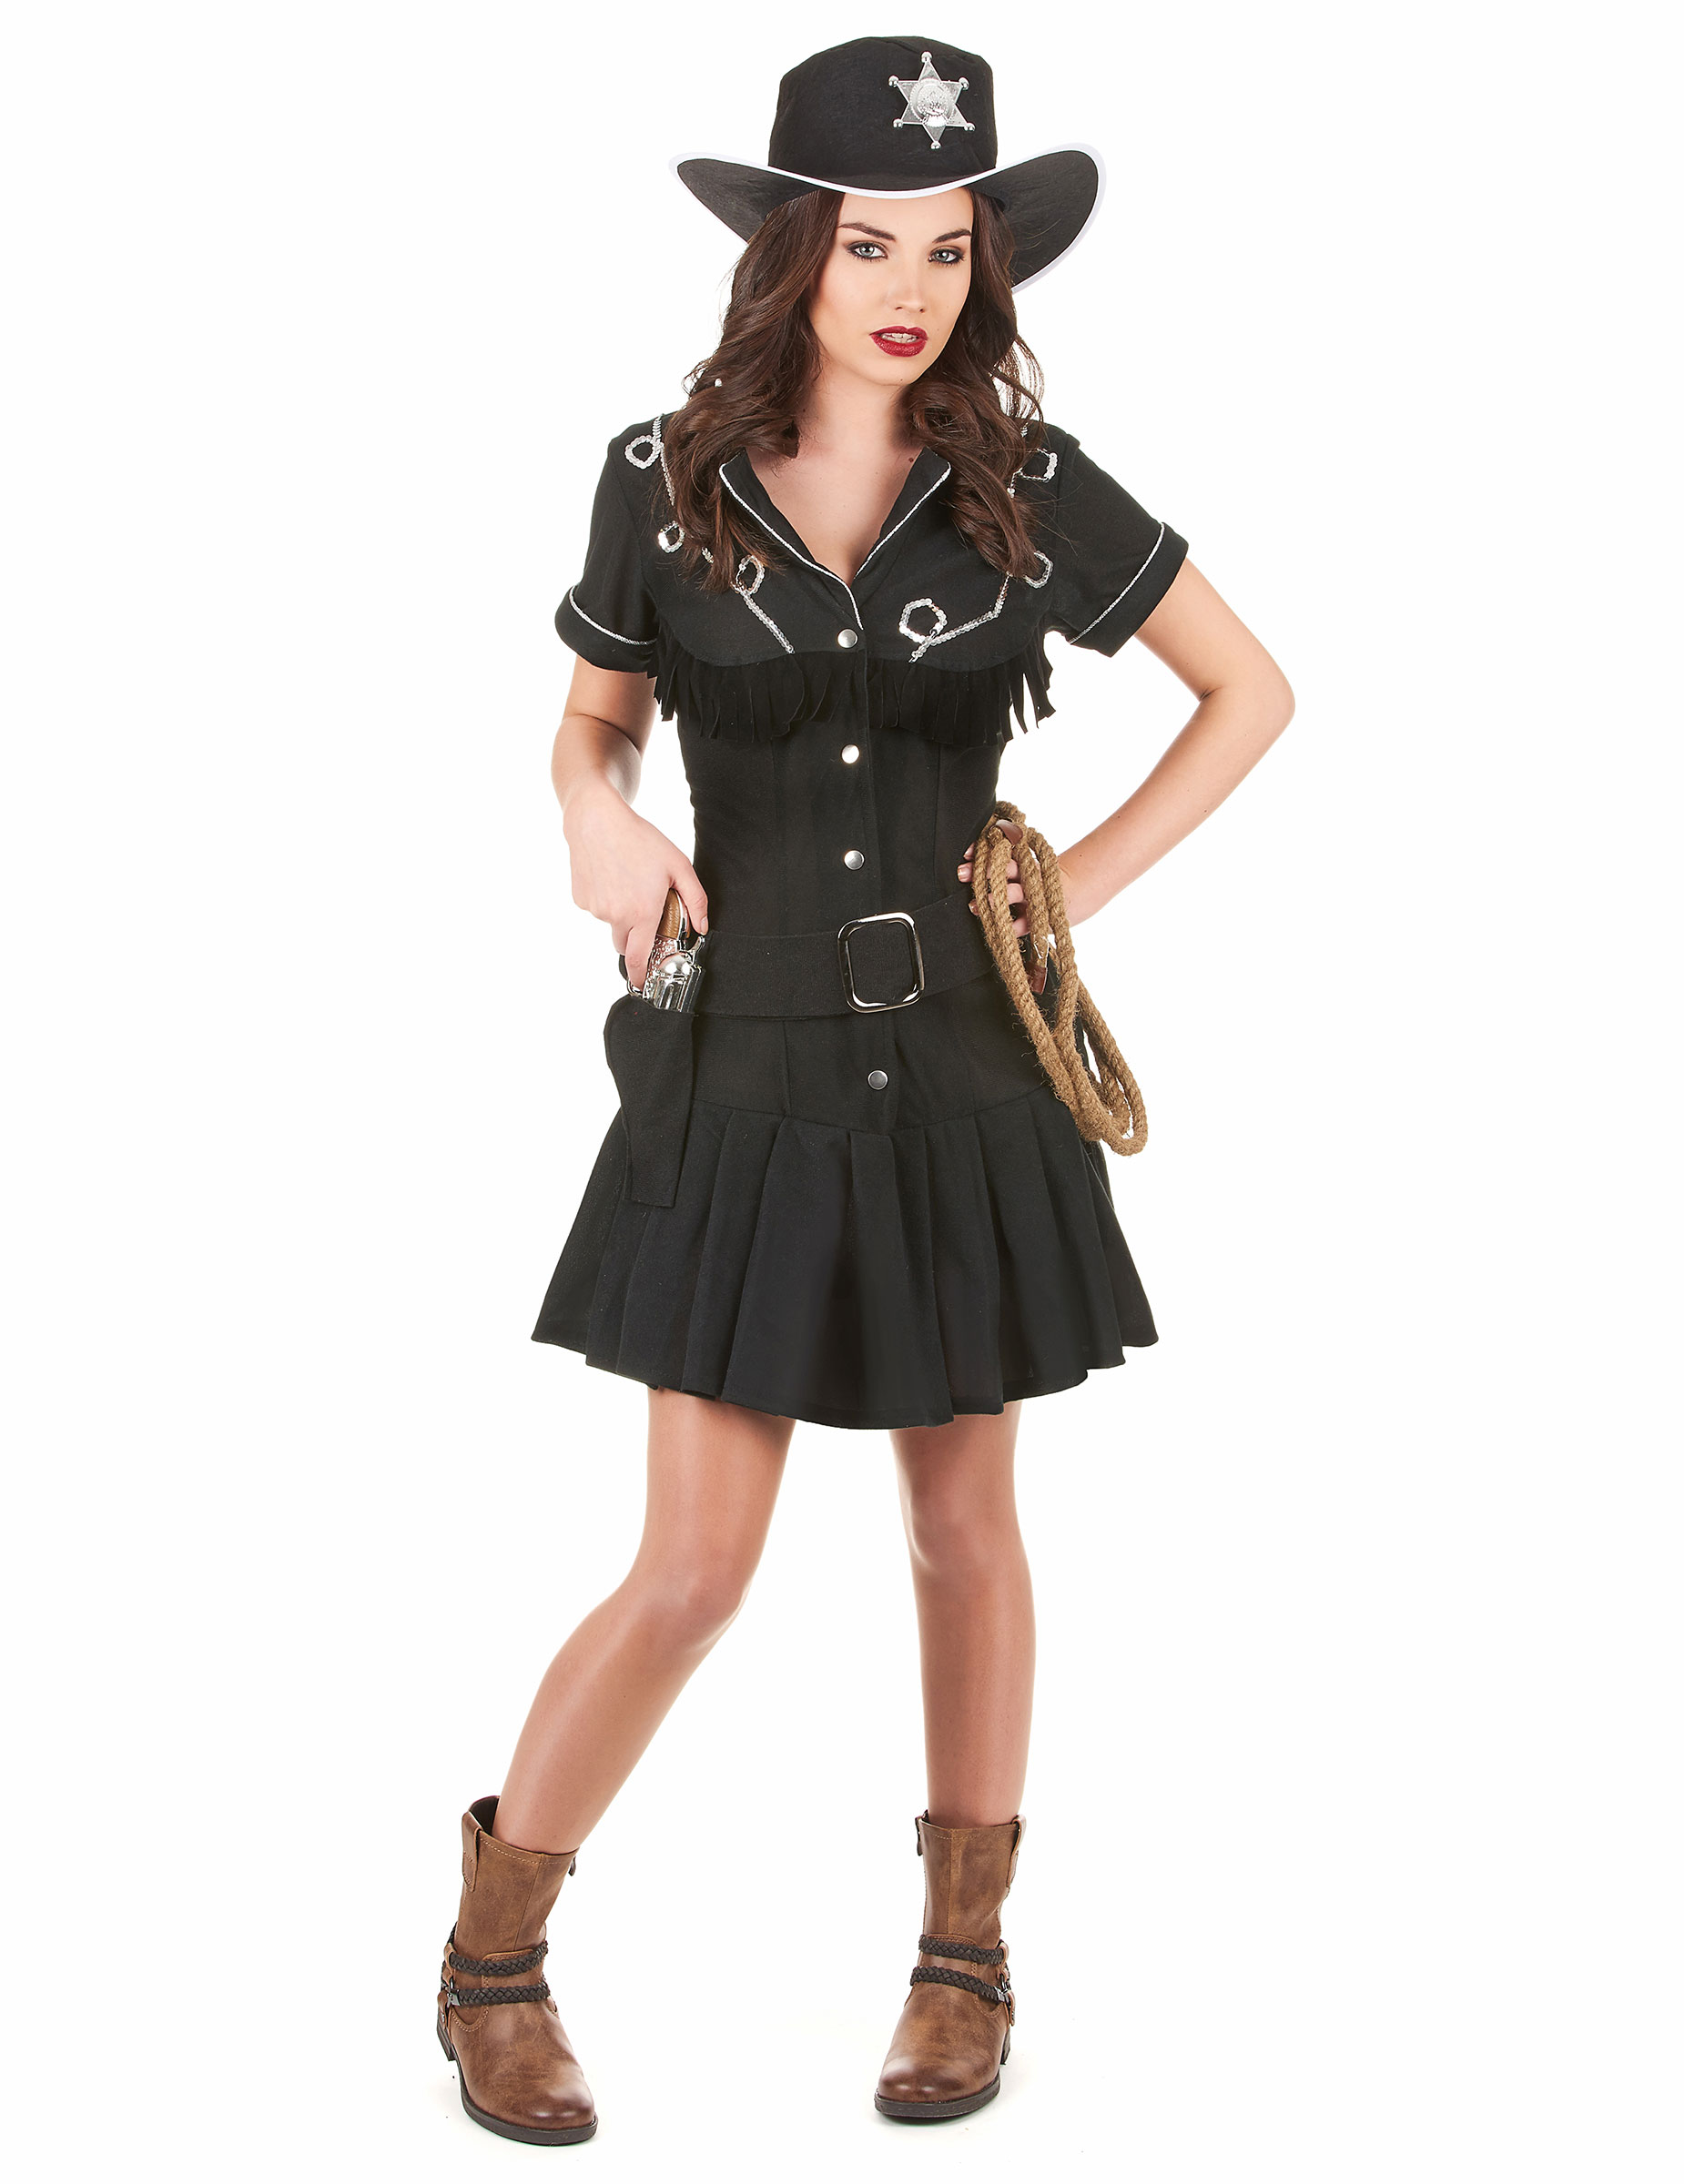 sort cowgirl kostume kjole voksen k b kostumer til voksne p. Black Bedroom Furniture Sets. Home Design Ideas